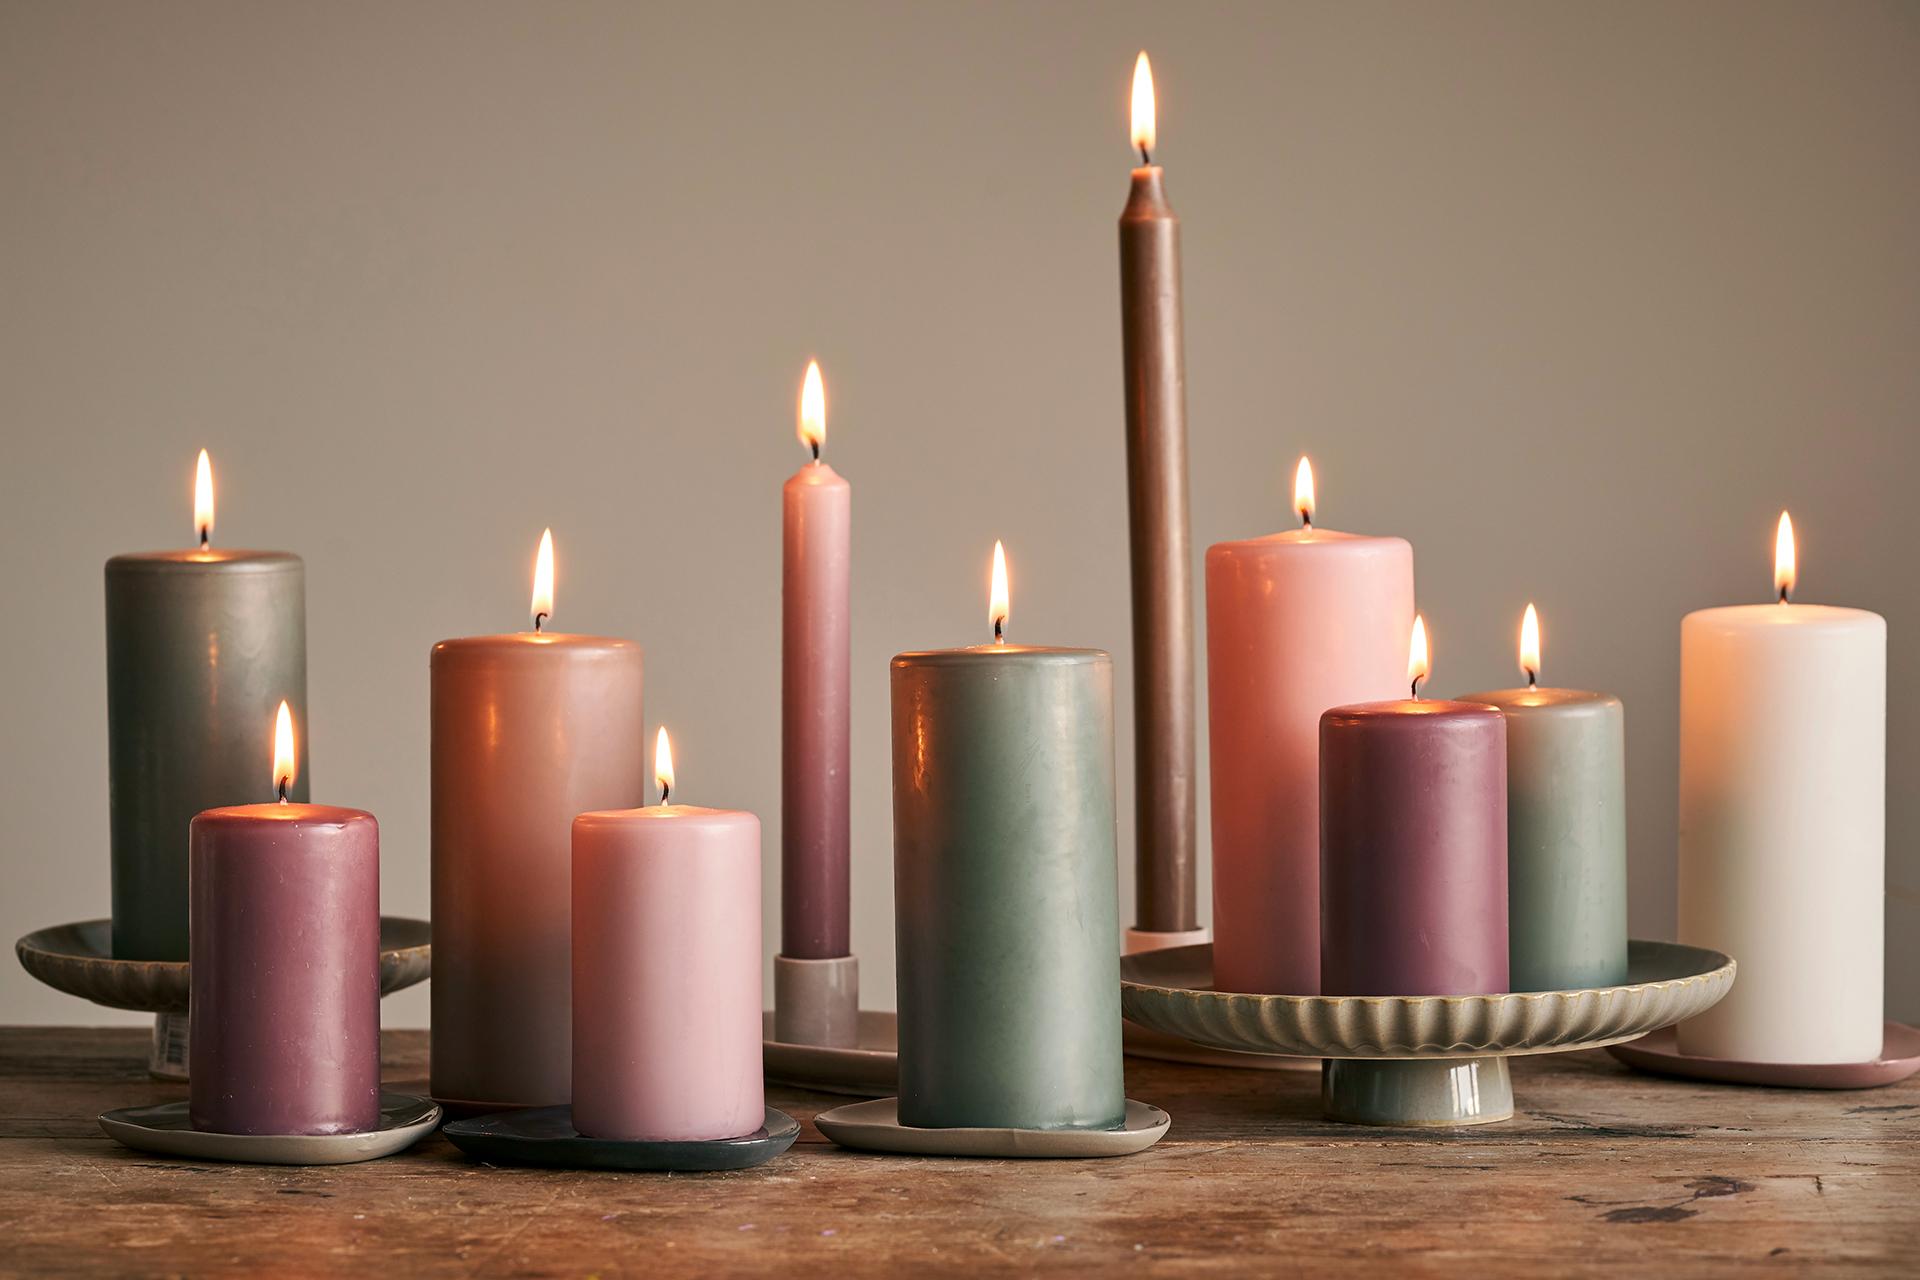 Kerzen machen ein Zuhause erst behaglich